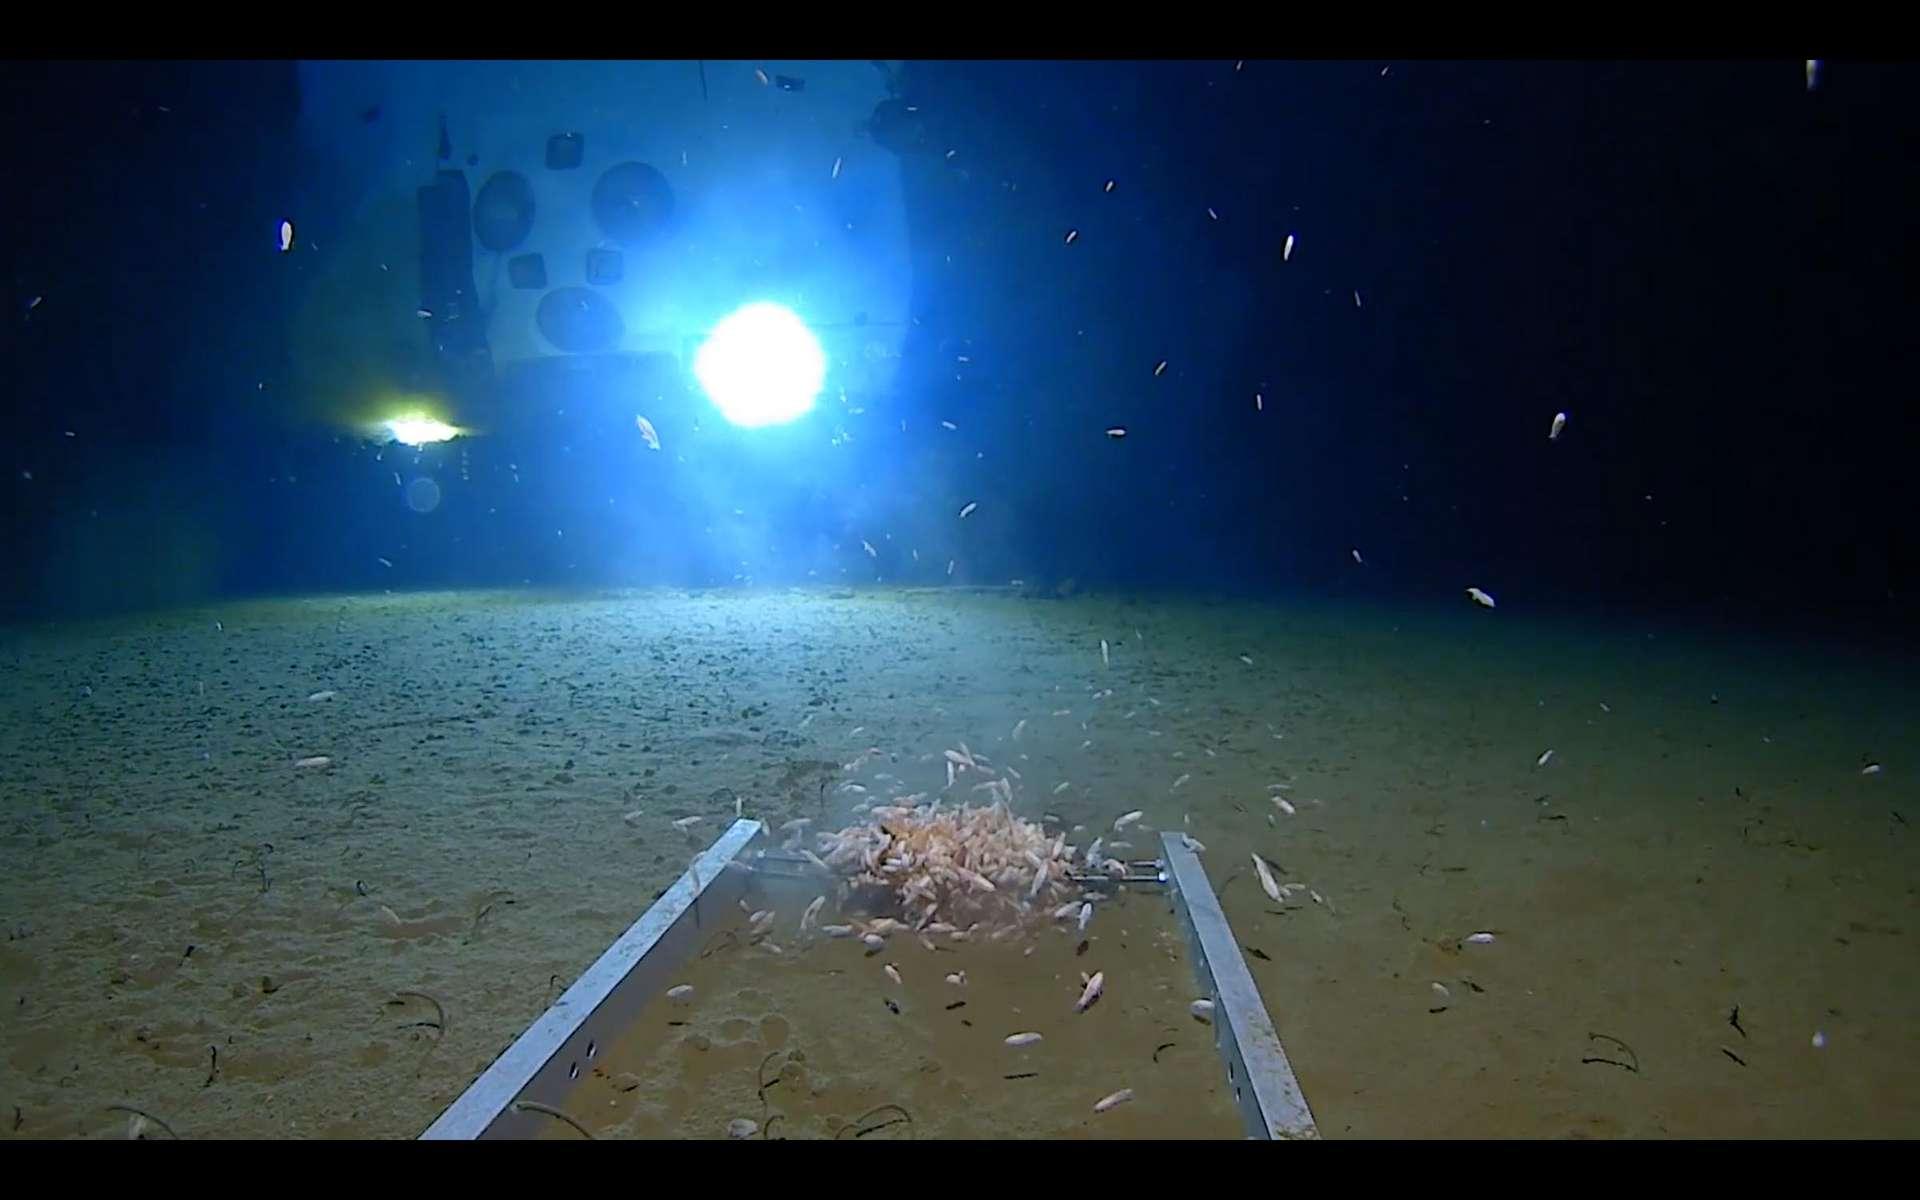 Des crustacés grouillant dans les abysses de la fosse des Mariannes, la plus profonde fosse océanique du monde. © Atlantic Productions for Discovery Channel